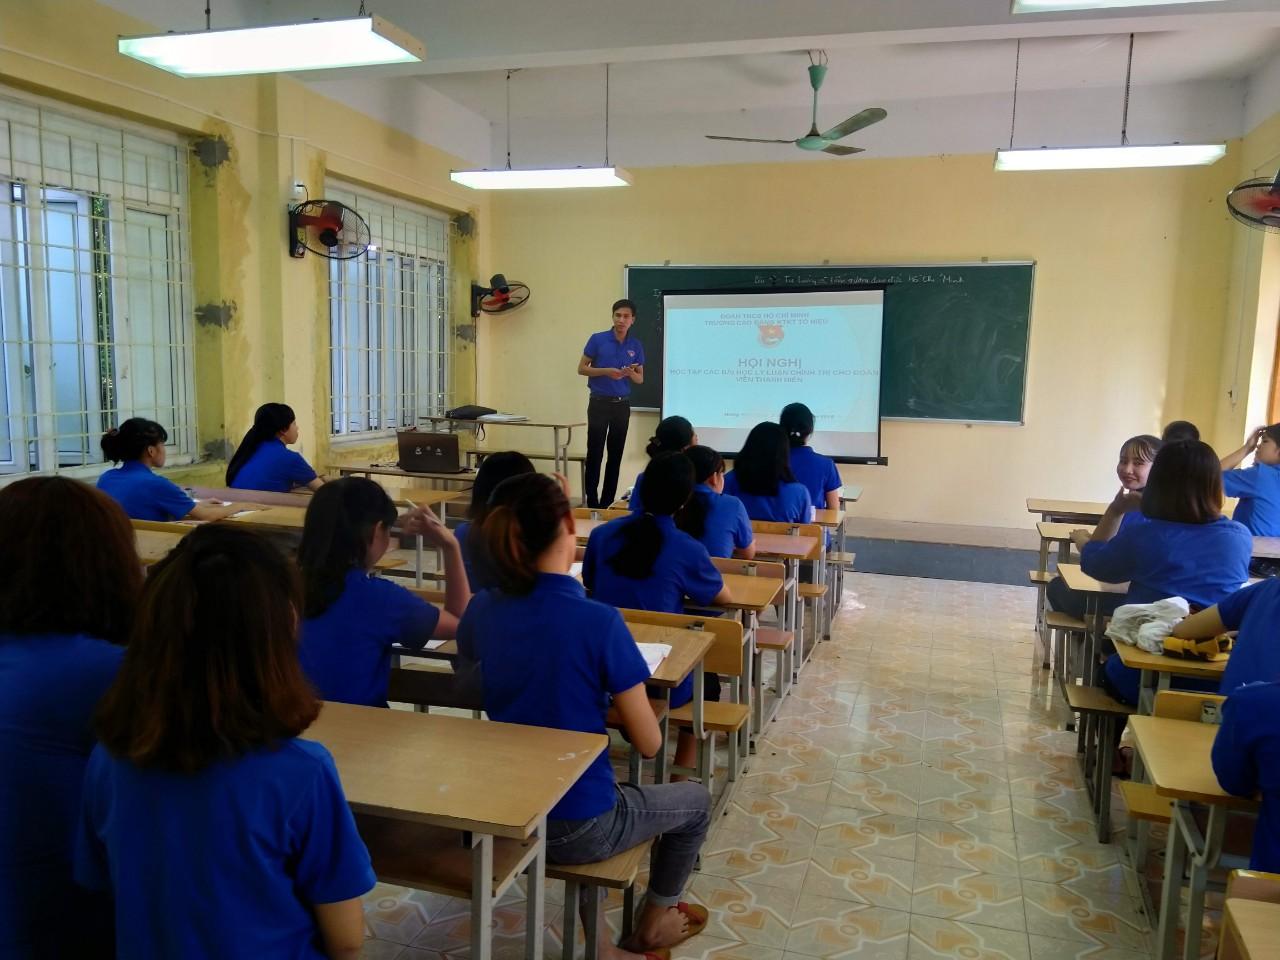 Đoàn trường Cao đẳng Kinh tế kỹ thuật Tô Hiệu tổ chức Hội nghị học tập các bài học Lý luận chính trị cho đoàn viên, thanh niên